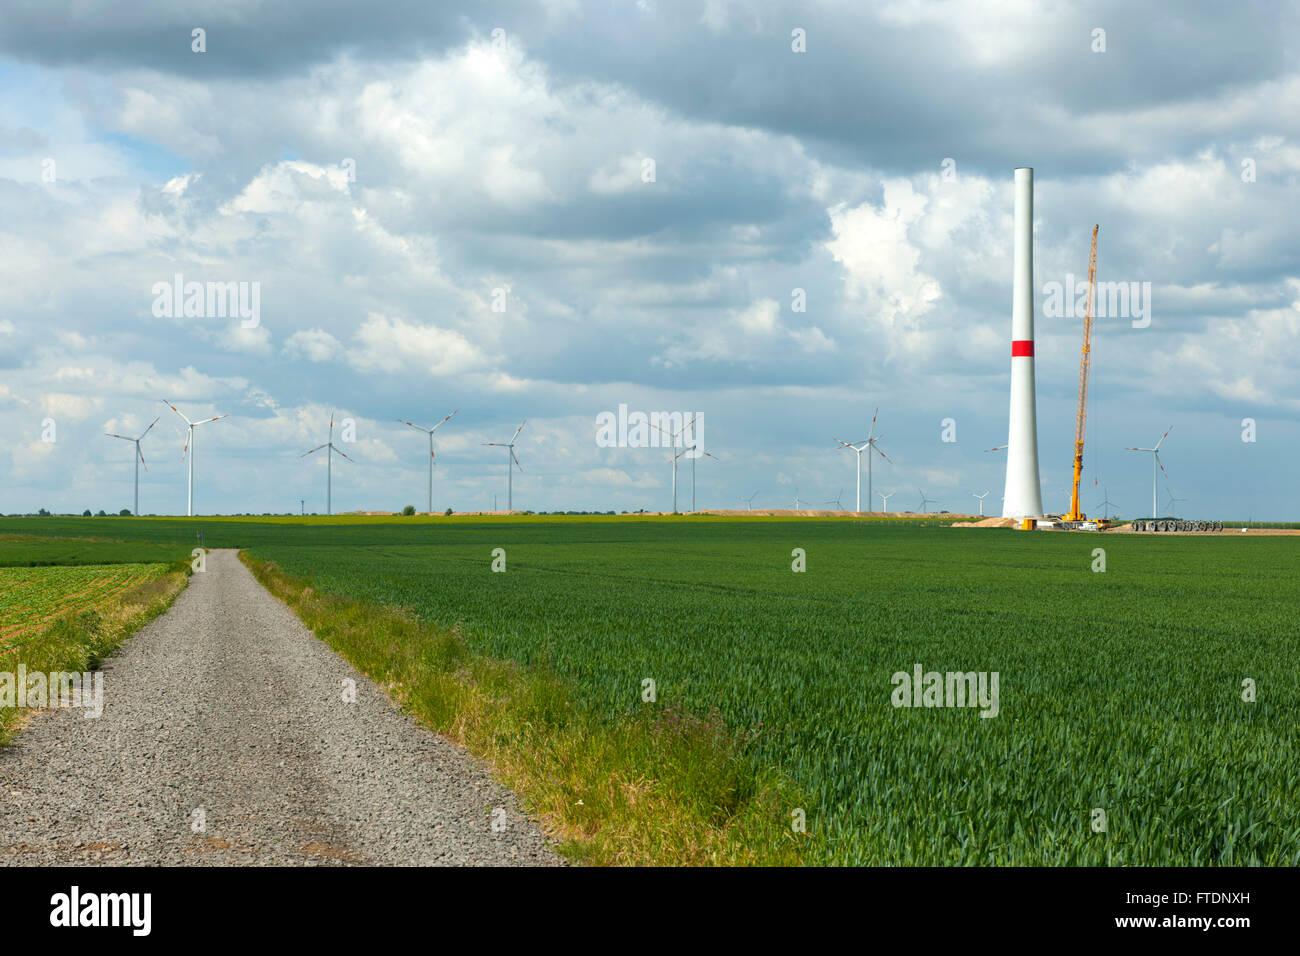 BRD, Deutschland, NRW, Rhein-Erft-Kreis, Windpark Königshovener Höhe nördlich von Bedburg am Braunkohletagebau - Stock Image